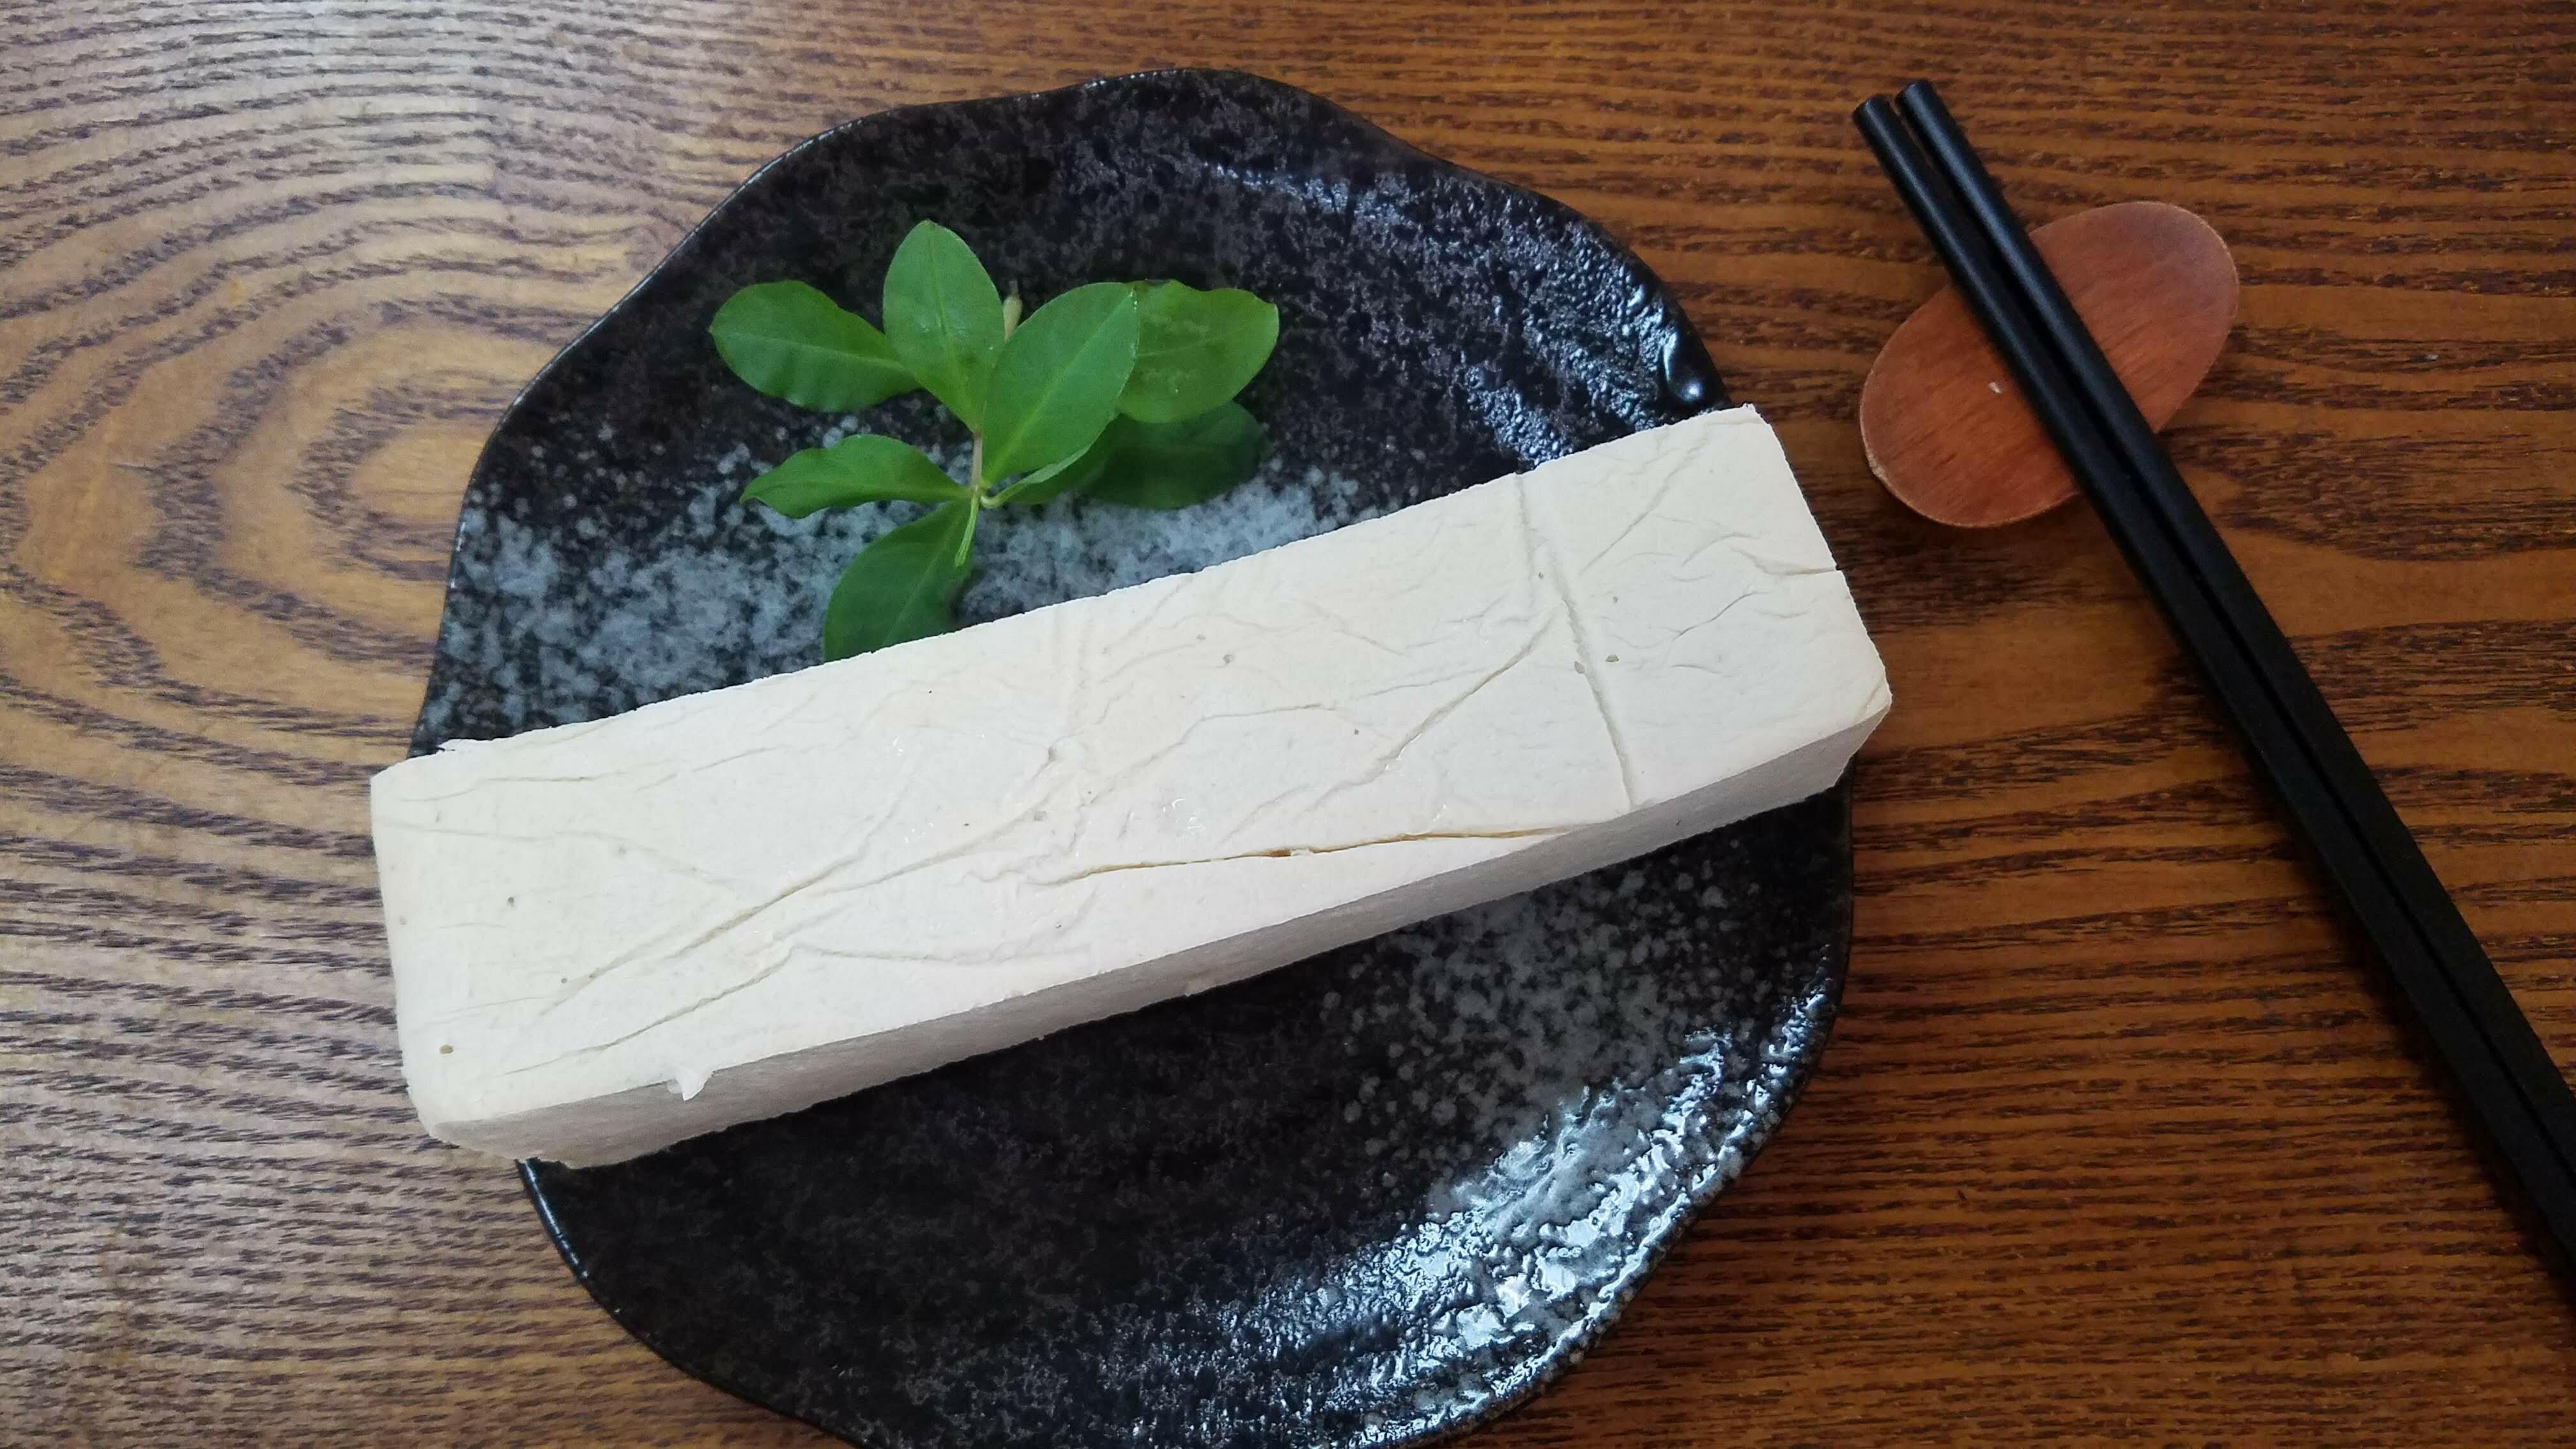 百頁豆腐-【利津食品行】火鍋料 關東煮 豆腐 炒菜 冷凍食品